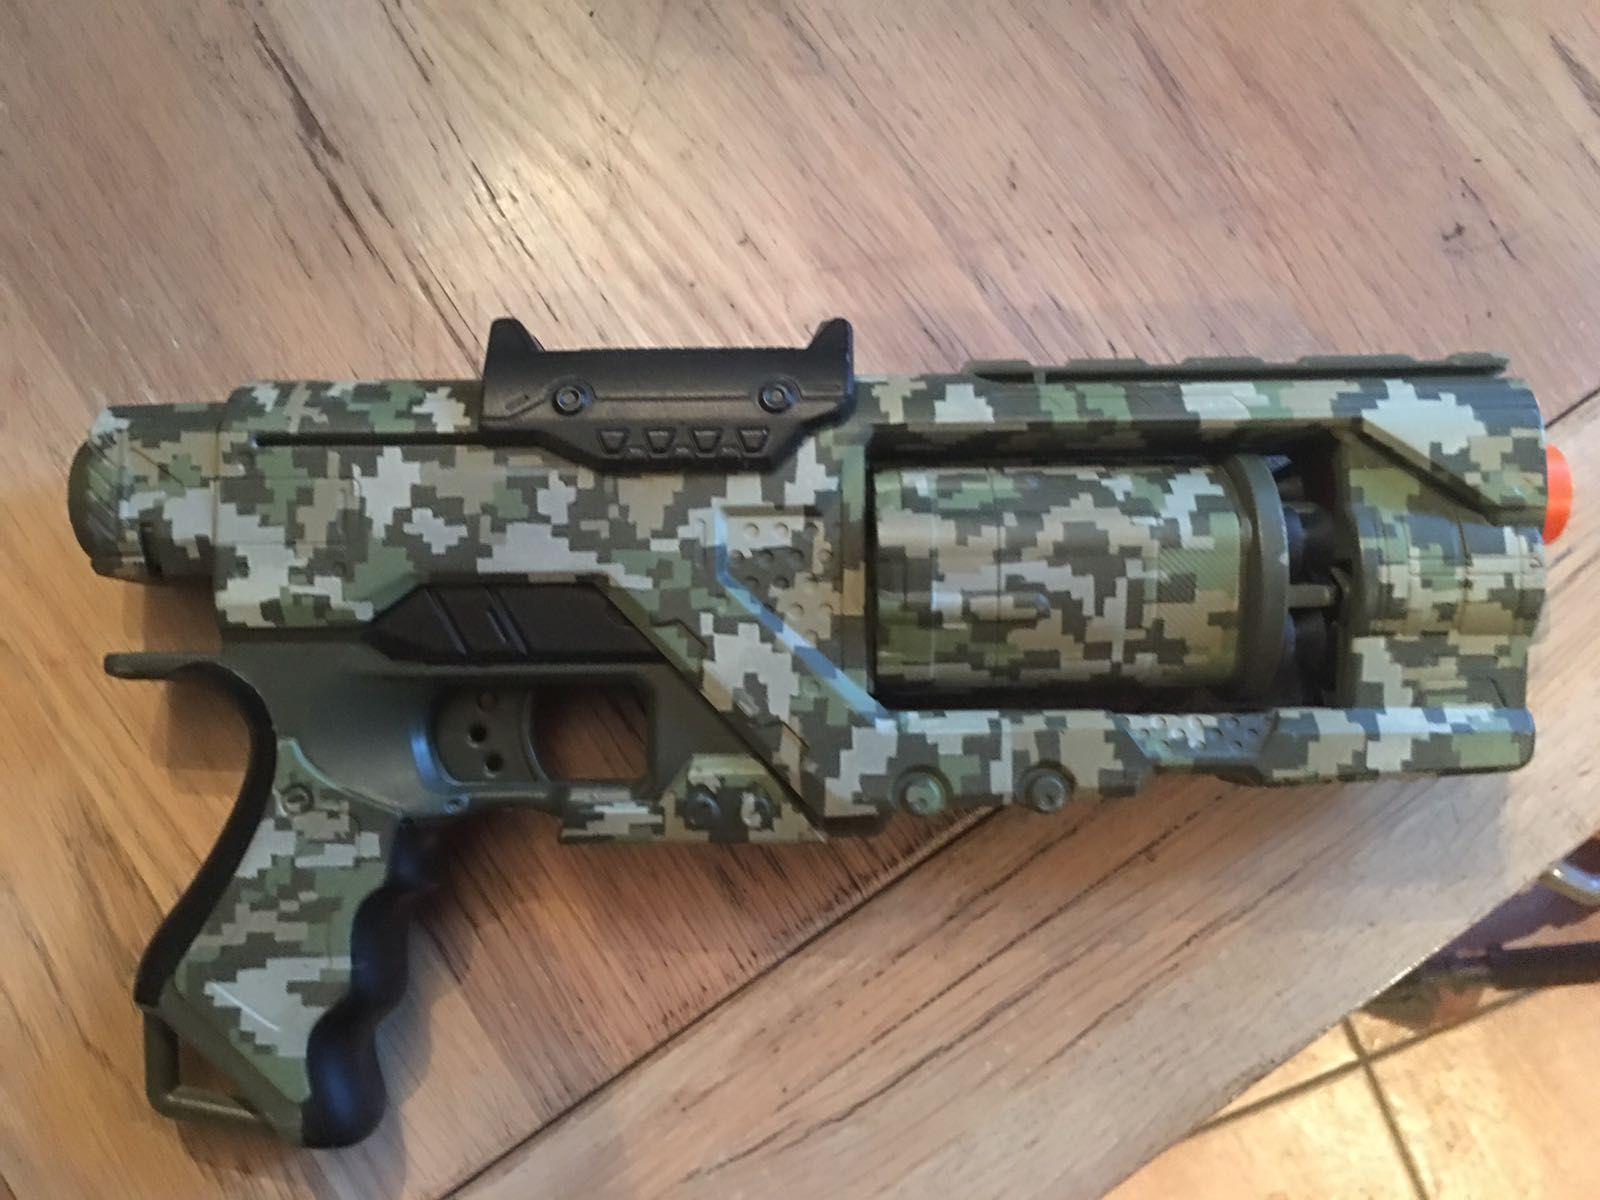 Pin On Nerf Gun Paint Job Mod